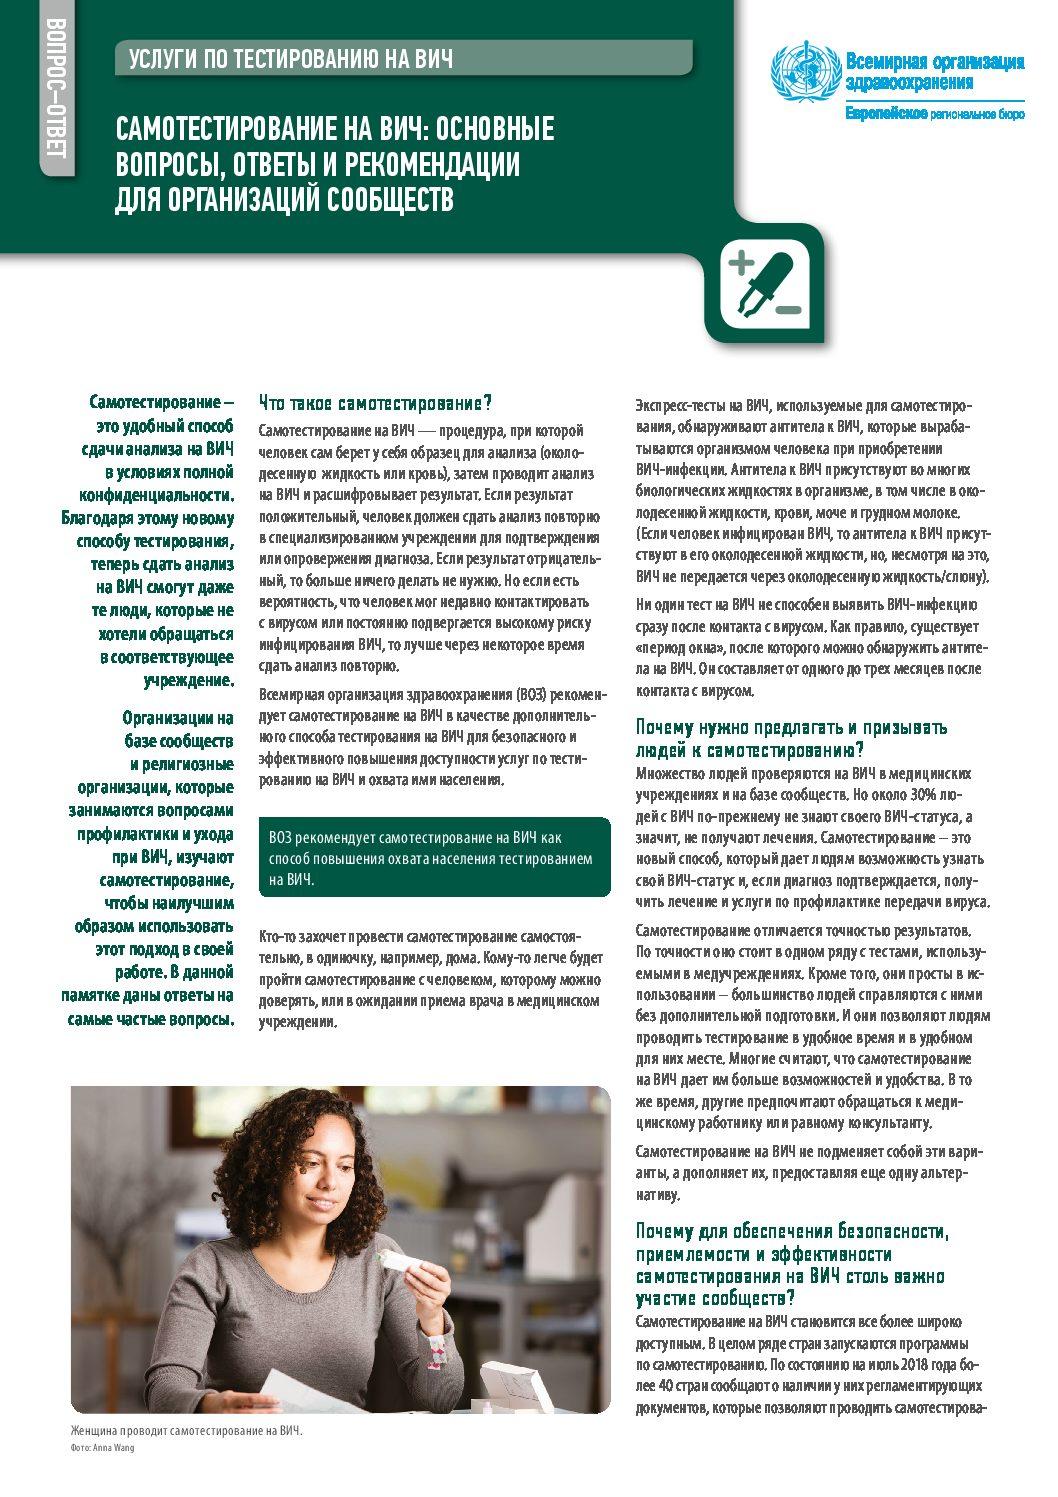 Самотестирование на ВИЧ: основные вопросы, ответы и рекомендации для организаций на базе сообществ